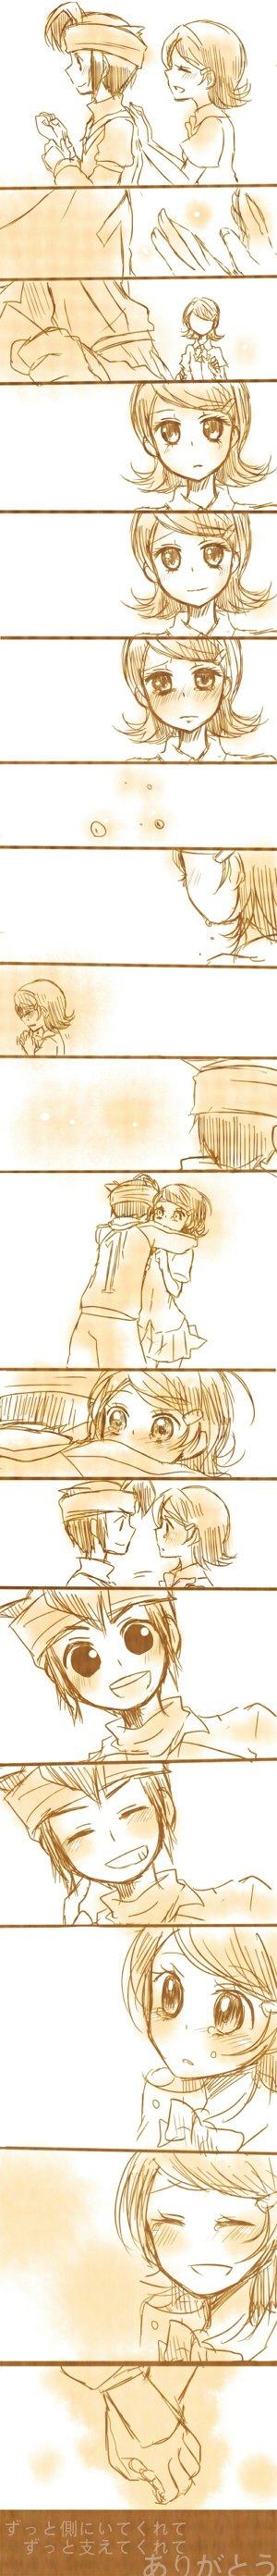 Tags: Anime, Pixiv Id 1894517, Level-5, Inazuma Eleven, Kino Aki, Endou Mamoru, Comic